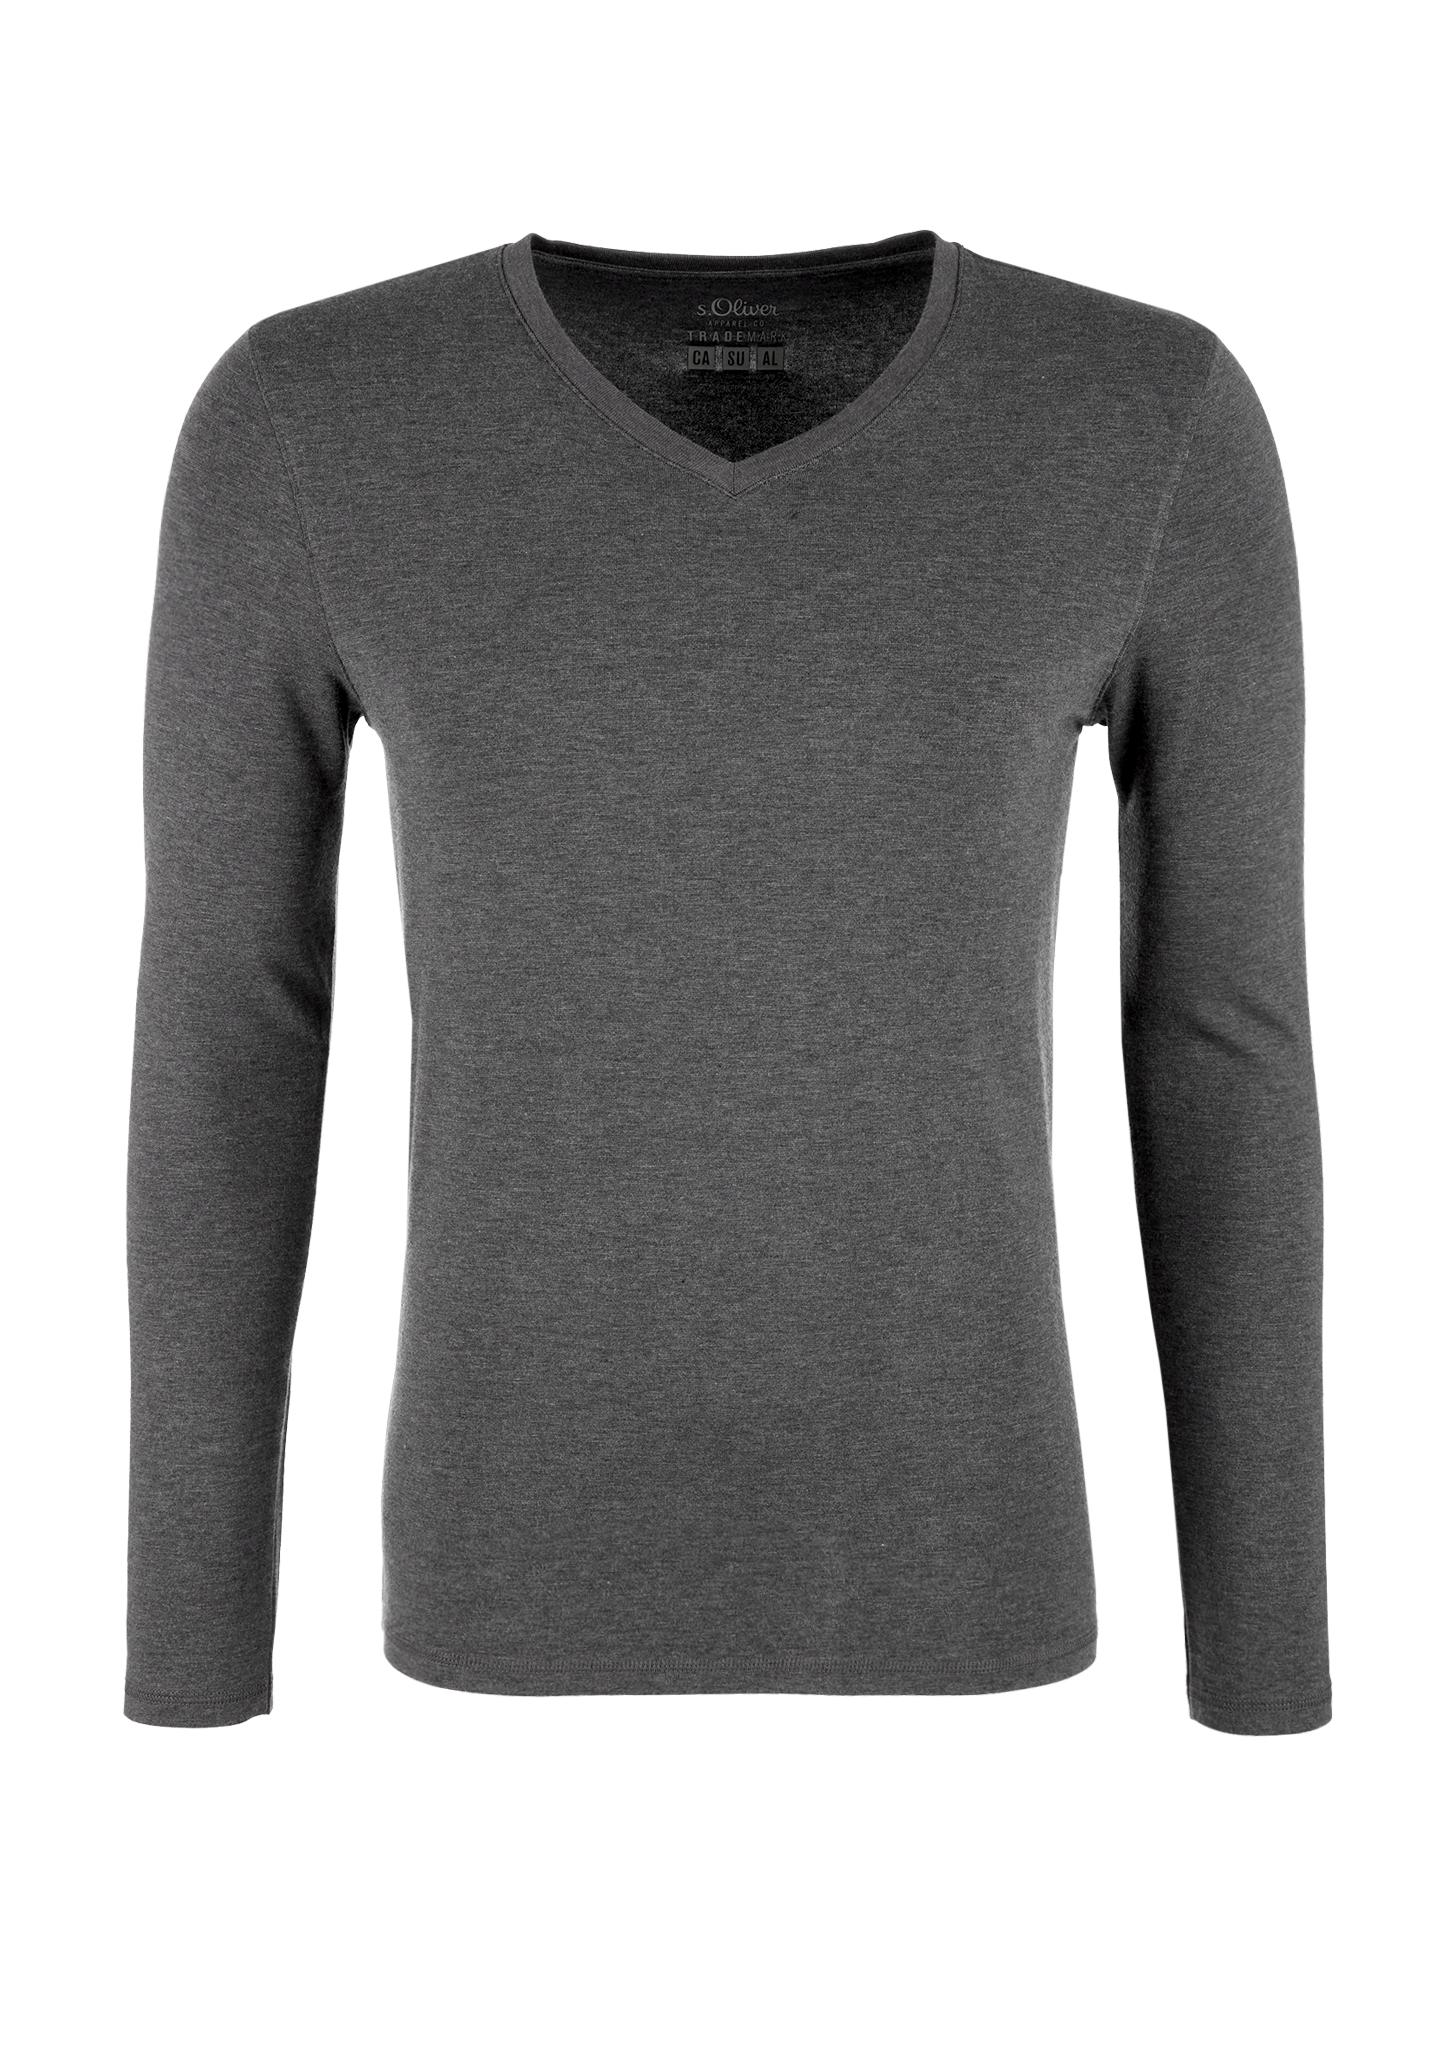 Warmtech-Langarmshirt   Bekleidung > Shirts > Langarm Shirts   Grau   43% polyacryl -  33% baumwolle -  19% viskose -  5% polyurethan   s.Oliver